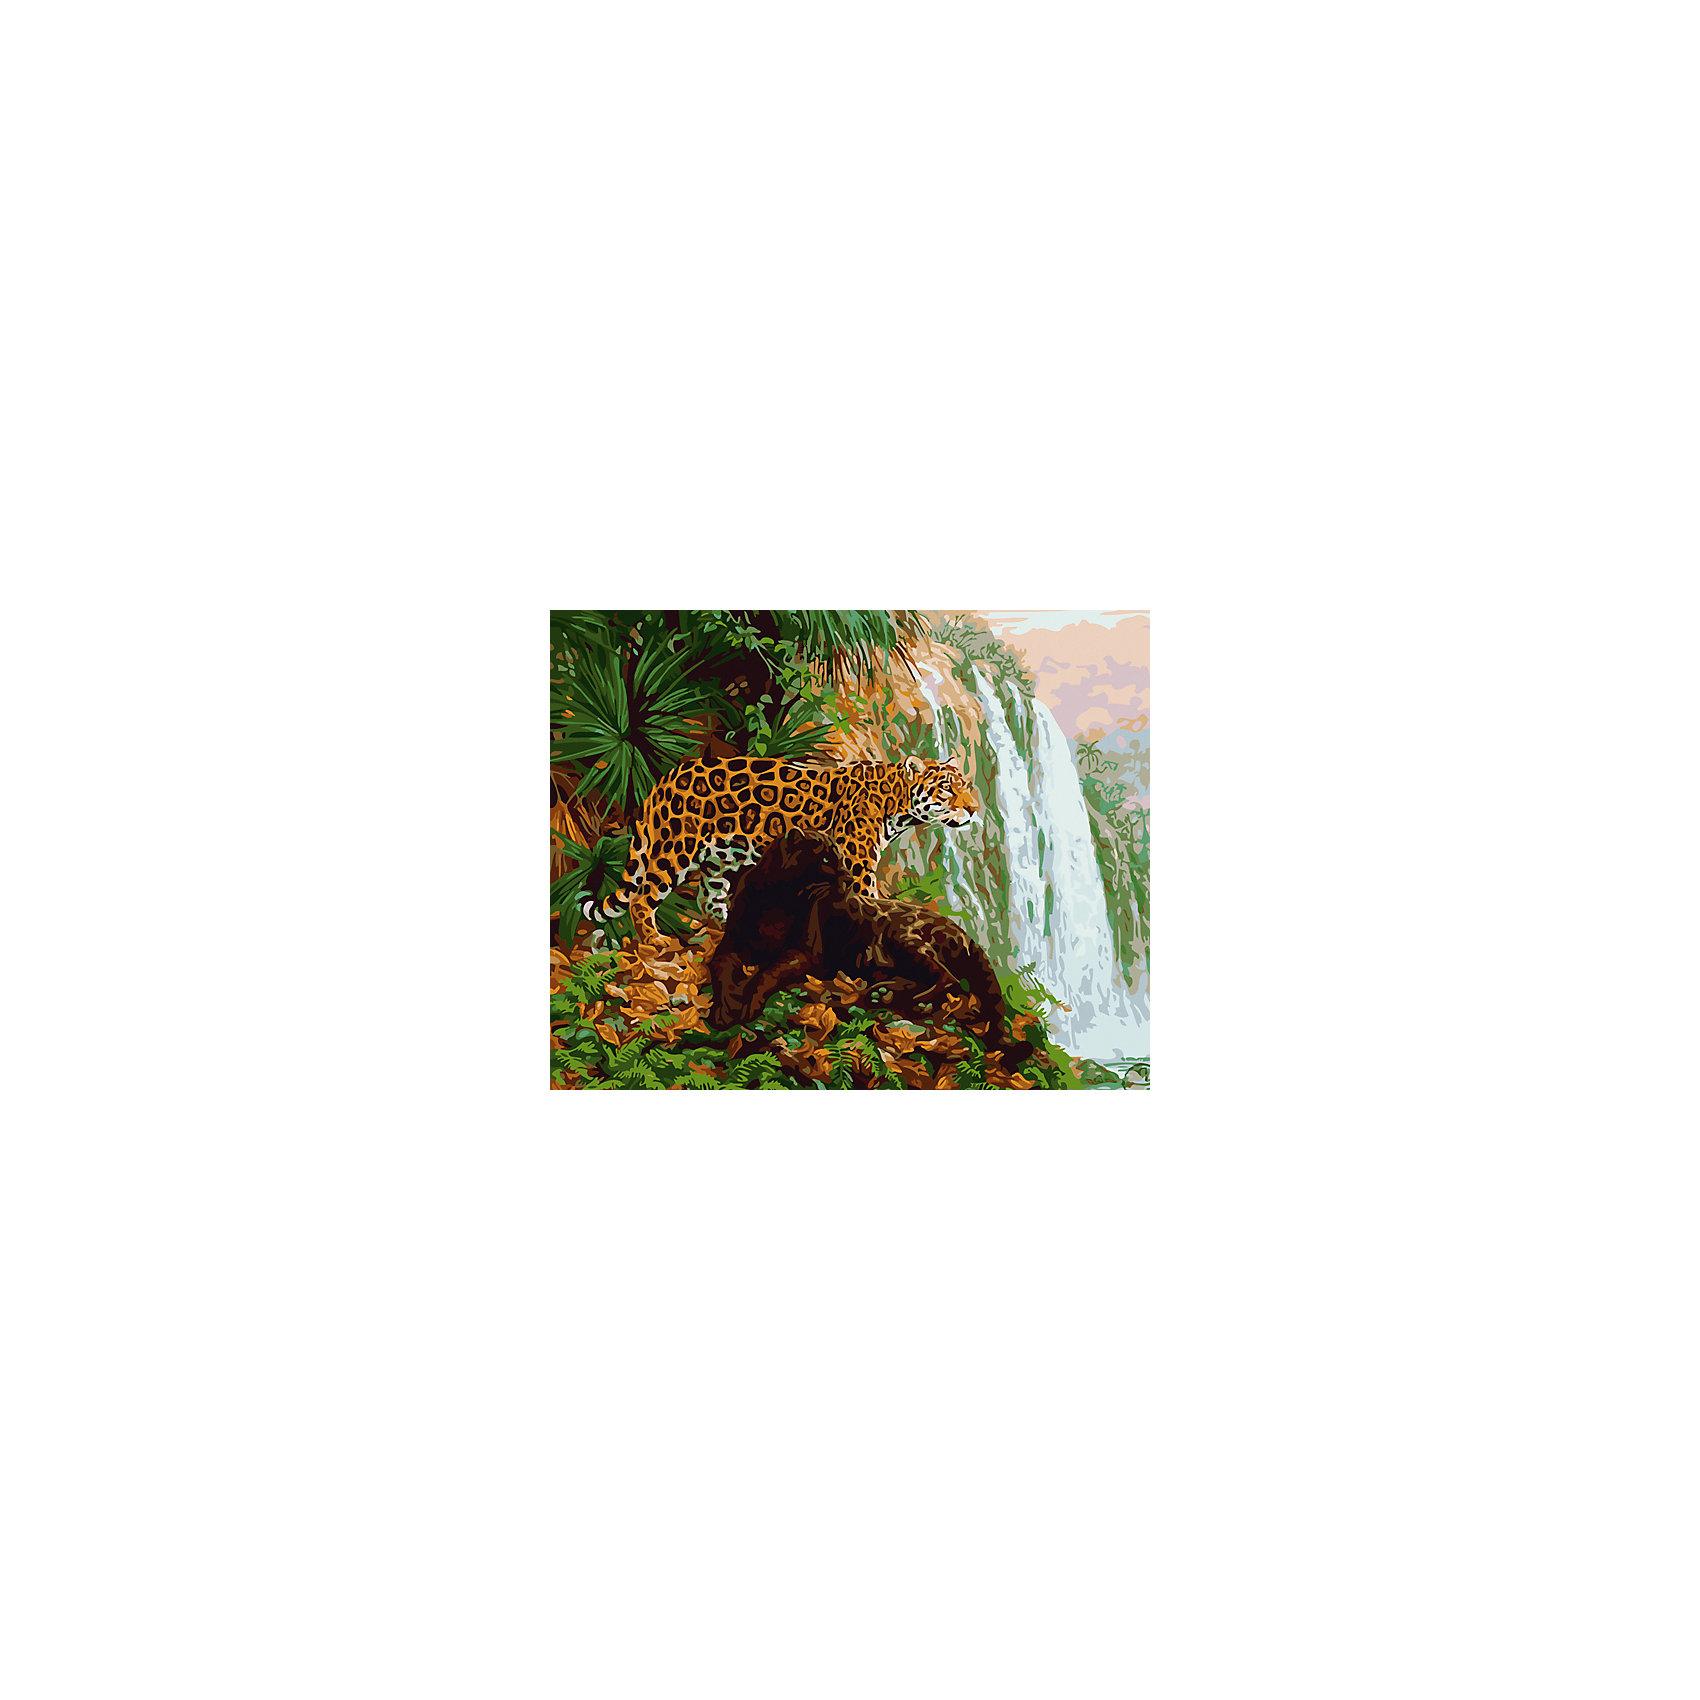 Холст с красками по номерам Леопард у водопада 40х50 смРаскраски по номерам<br>замечательные наборы для создания уникального шедевра изобразительного искусства. Создание картин на специально подготовленной рабочей поверхности – это уникальная техника, позволяющая делать Ваши шедевры более яркими и реалистичными. Просто нанесите мазки на уже готовый эскиз и оживите картину! Готовые изделия могут стать украшением интерьера или прекрасным подарком близким и друзьям.<br><br>Ширина мм: 510<br>Глубина мм: 410<br>Высота мм: 25<br>Вес г: 900<br>Возраст от месяцев: 36<br>Возраст до месяцев: 108<br>Пол: Унисекс<br>Возраст: Детский<br>SKU: 5096774